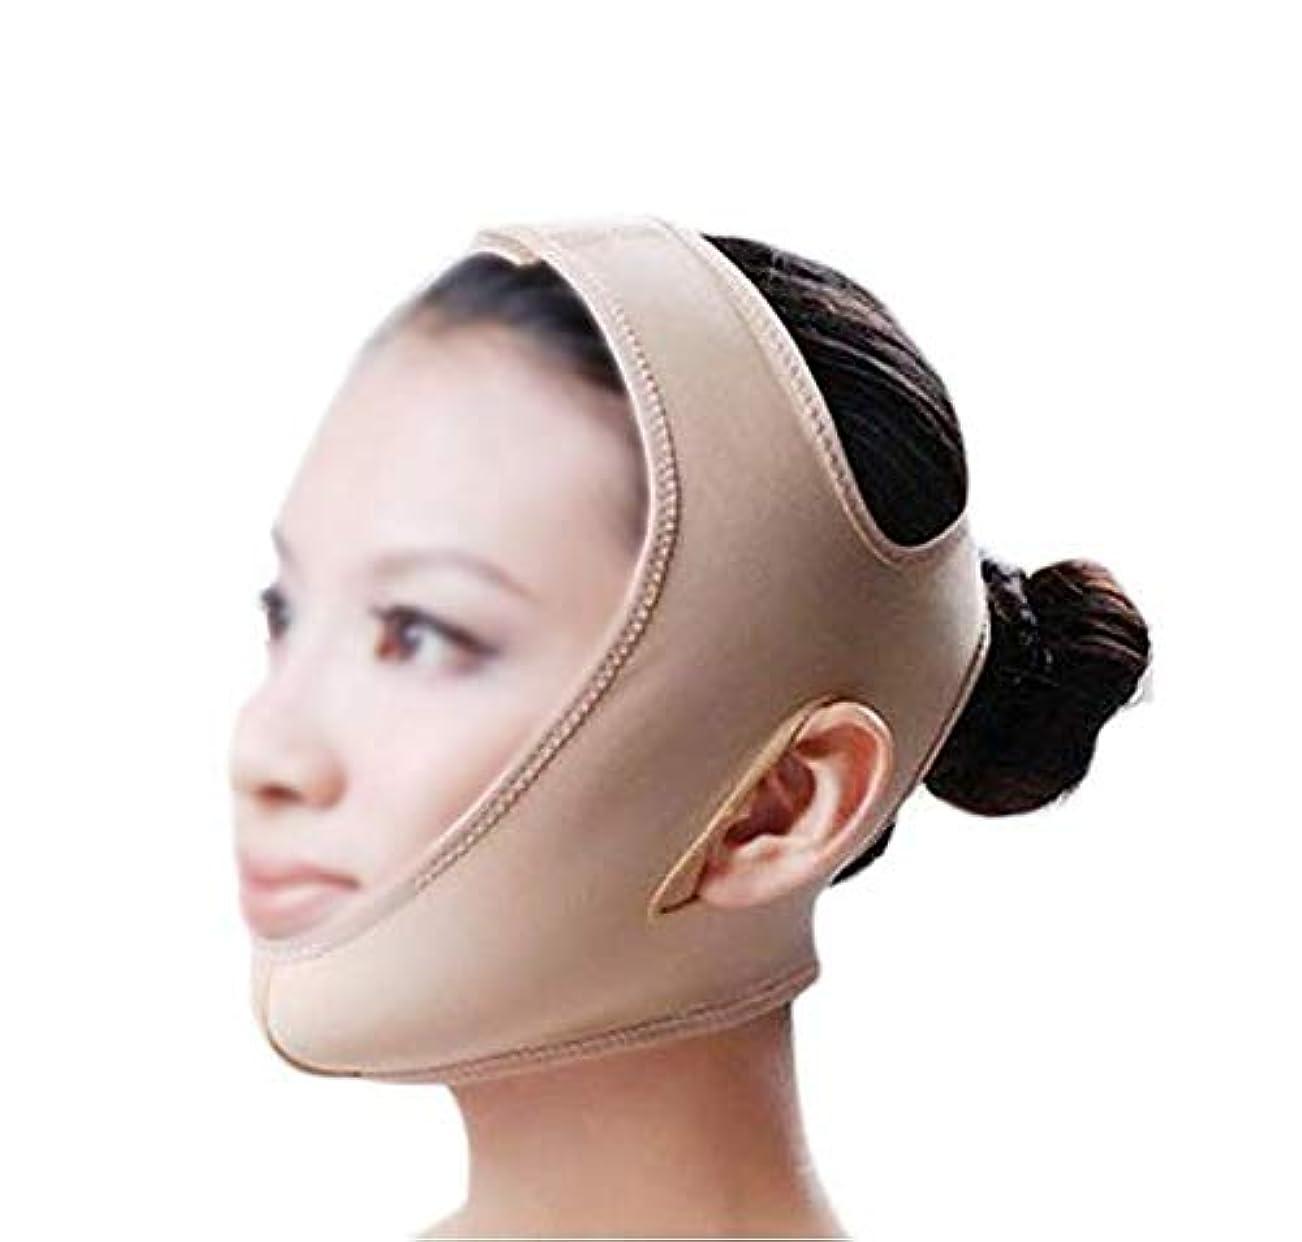 カウントアップおじいちゃん協力するTLMY 引き締めマスクマスクフェイシャルマスク美容薬マスク美容V顔包帯ライン彫刻引き締めしっかりした二重あごマスク 顔用整形マスク (Size : S)